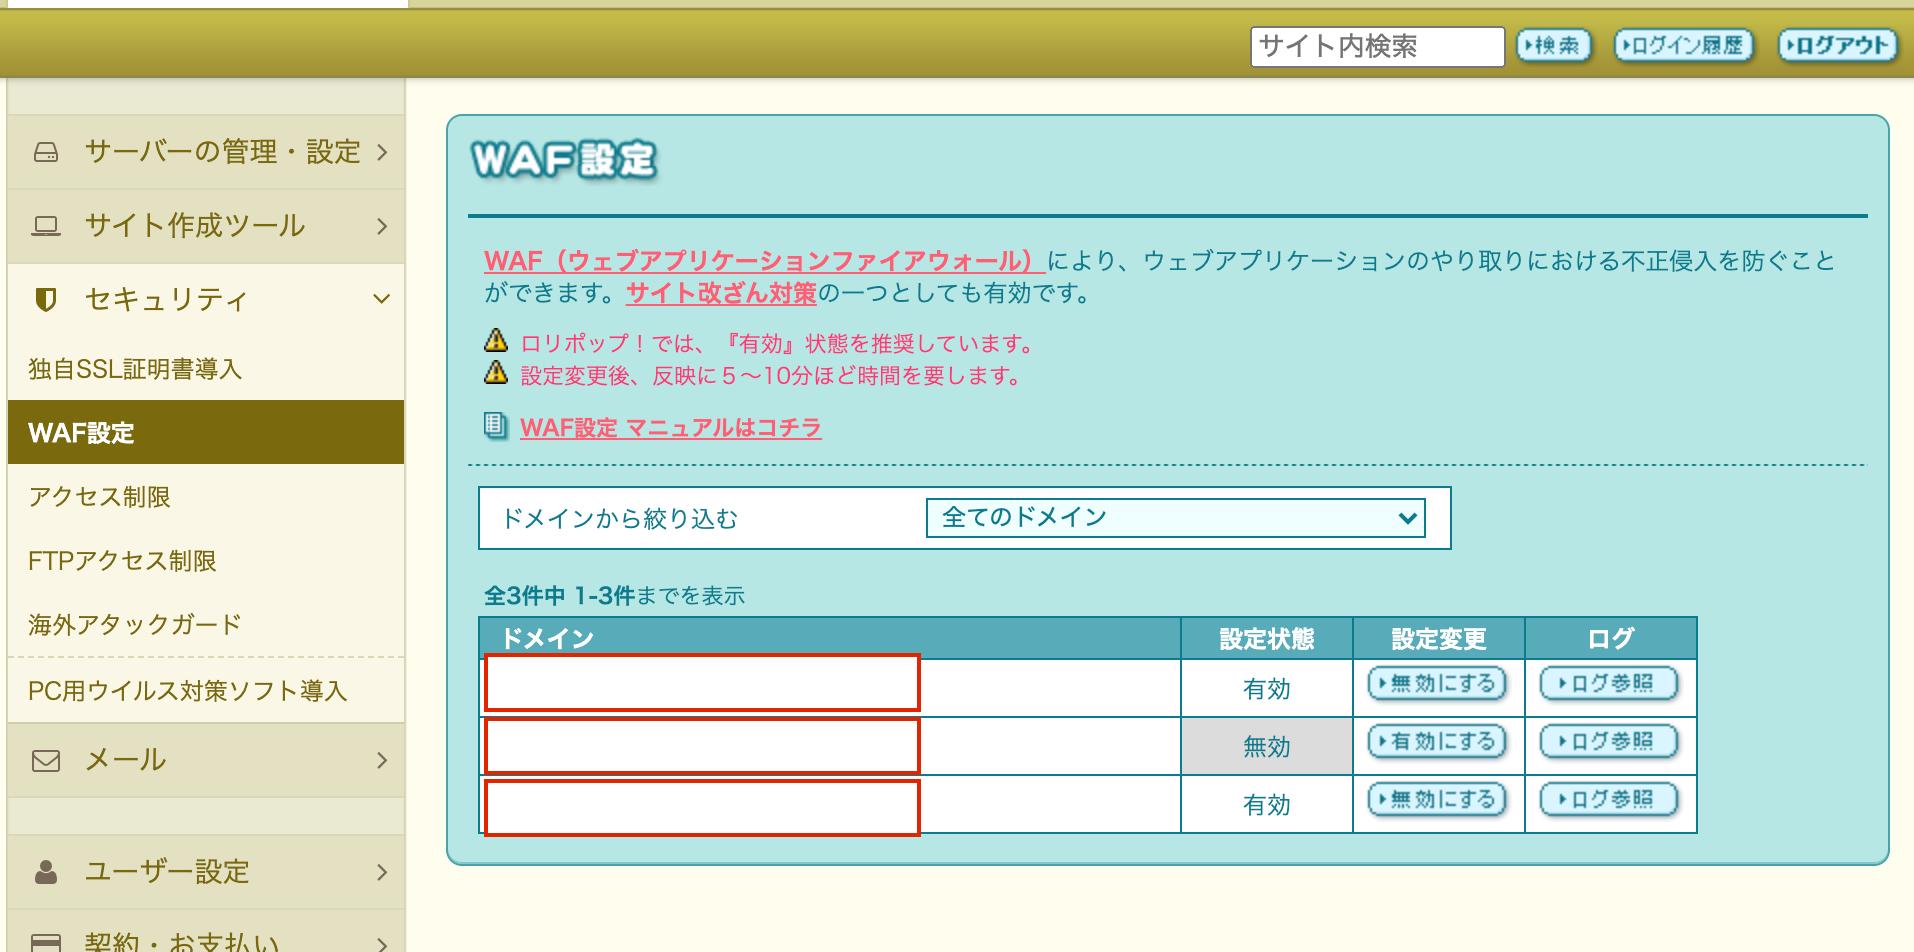 スクリーンショット 2020-11-10 12.59.09.png